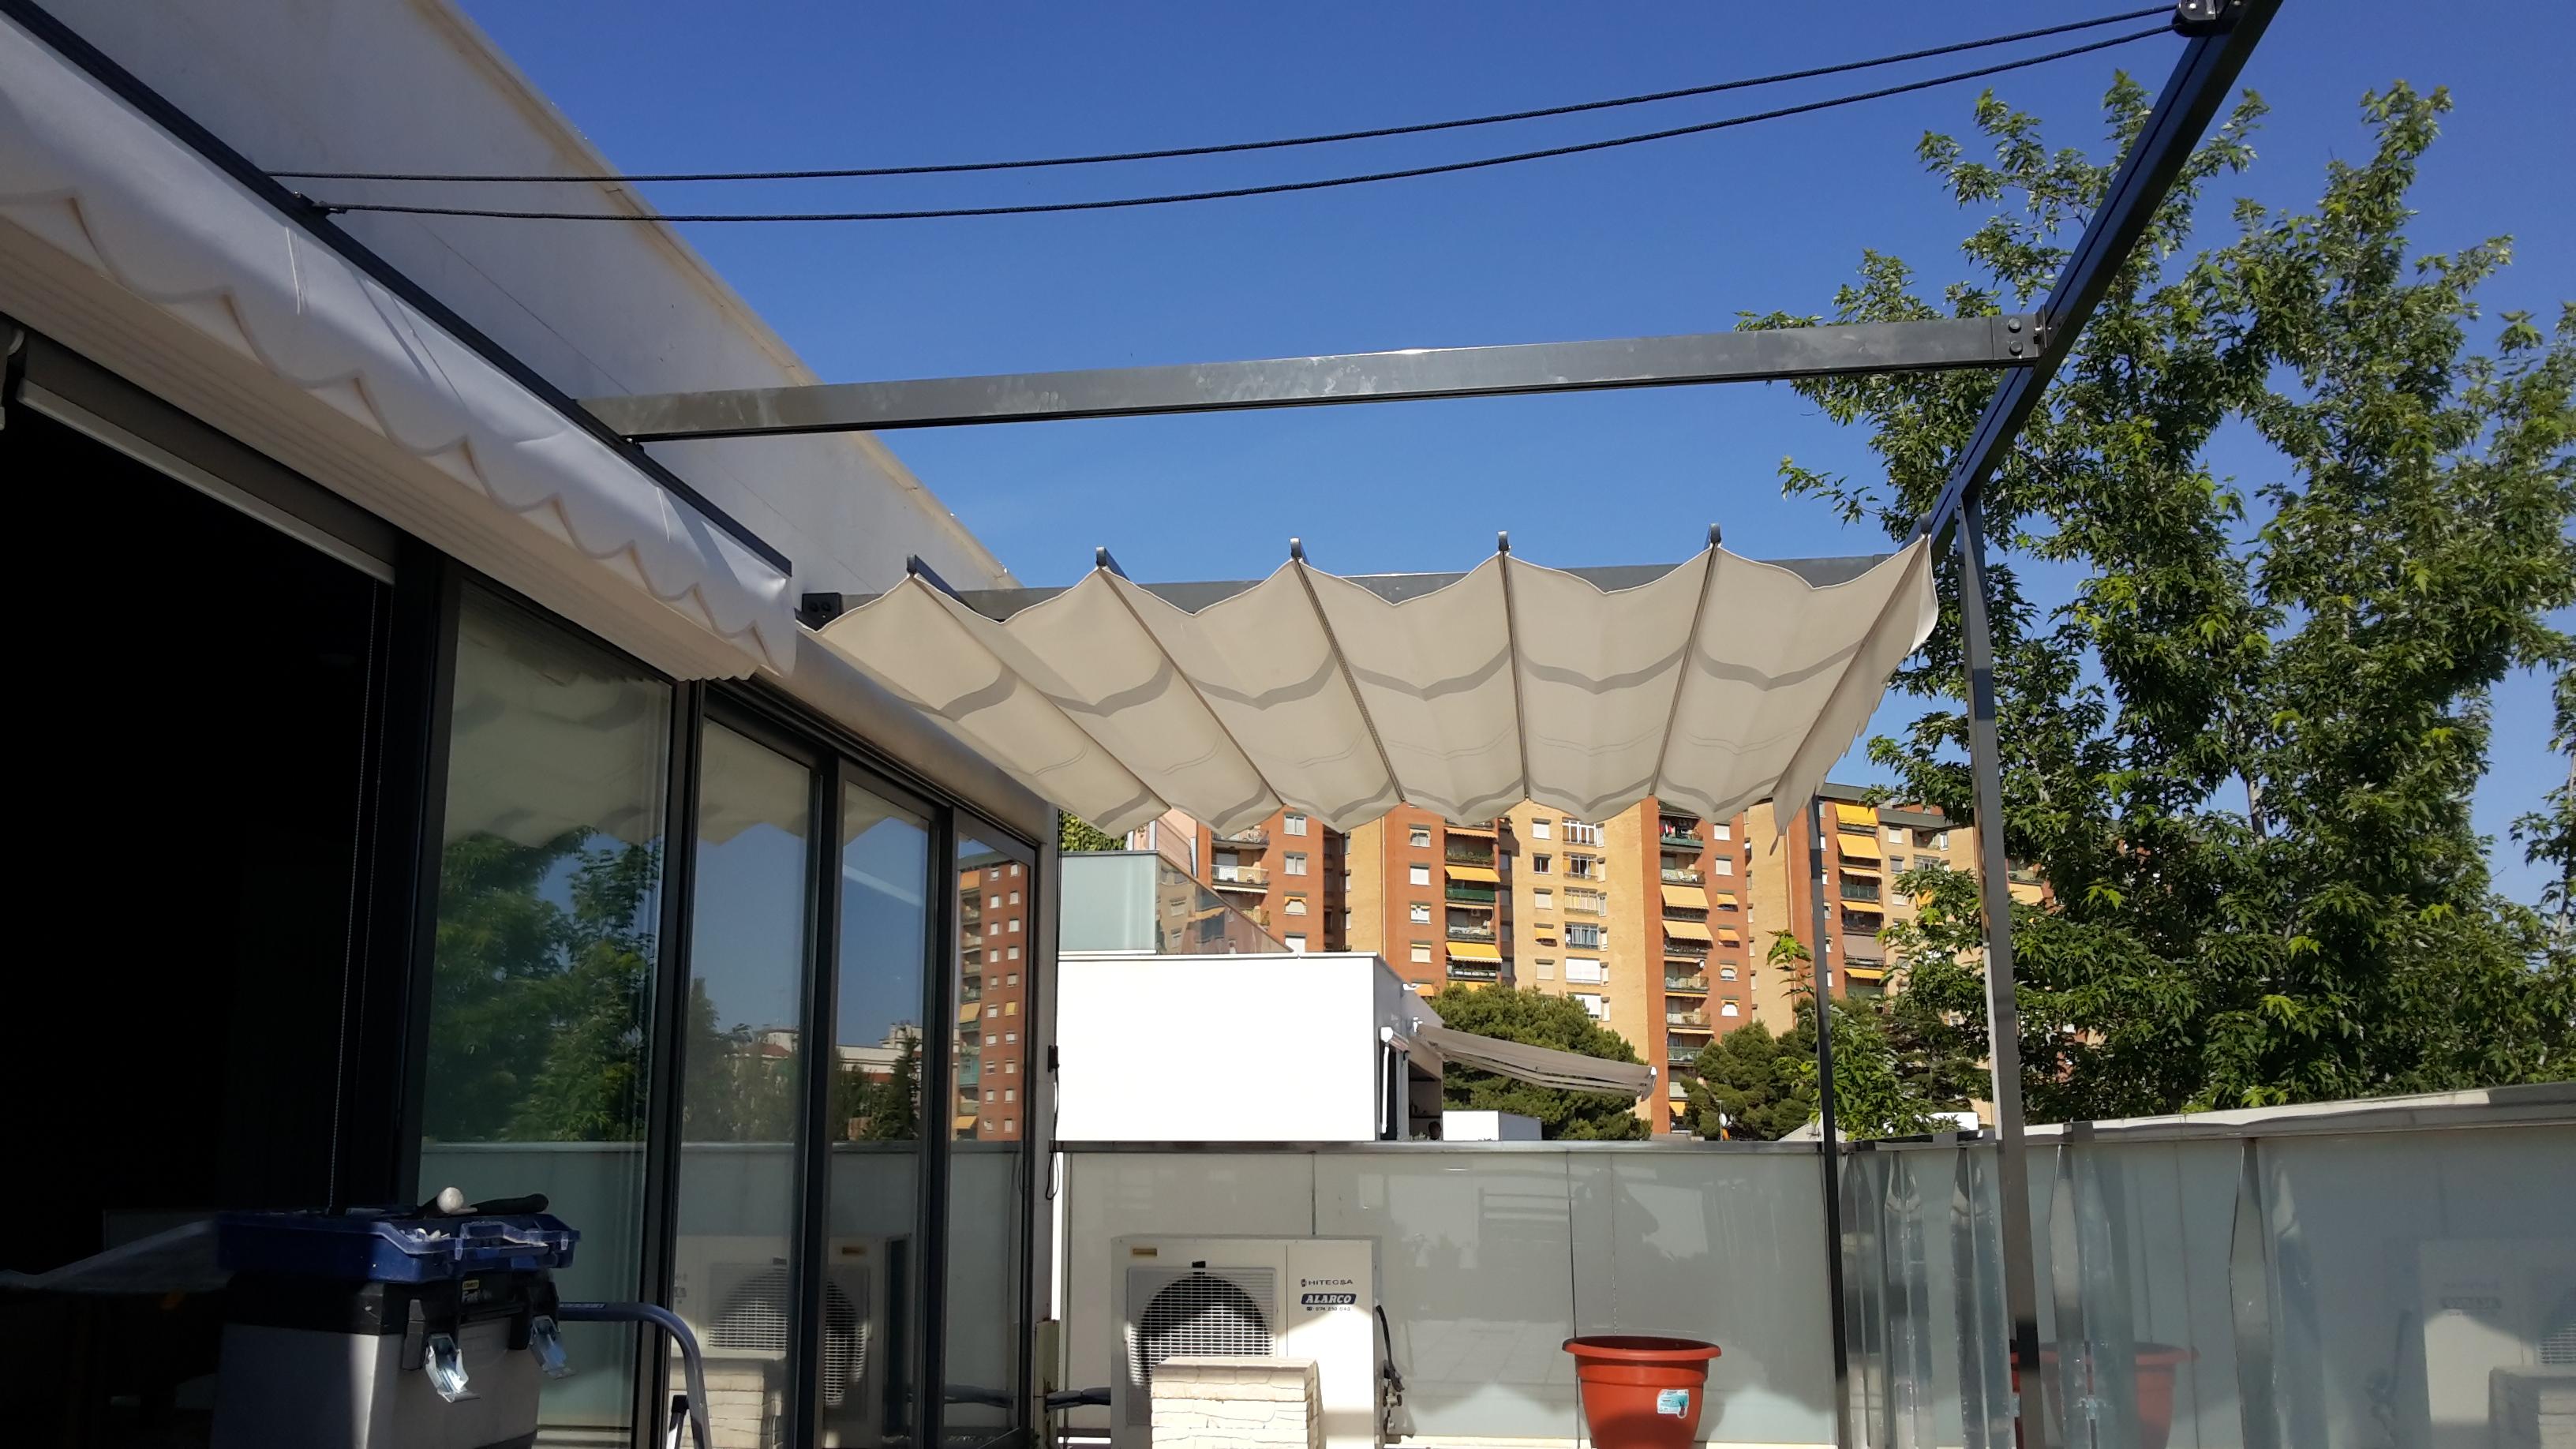 Pergola montajes de aluminio dg for Perfileria para toldos correderos